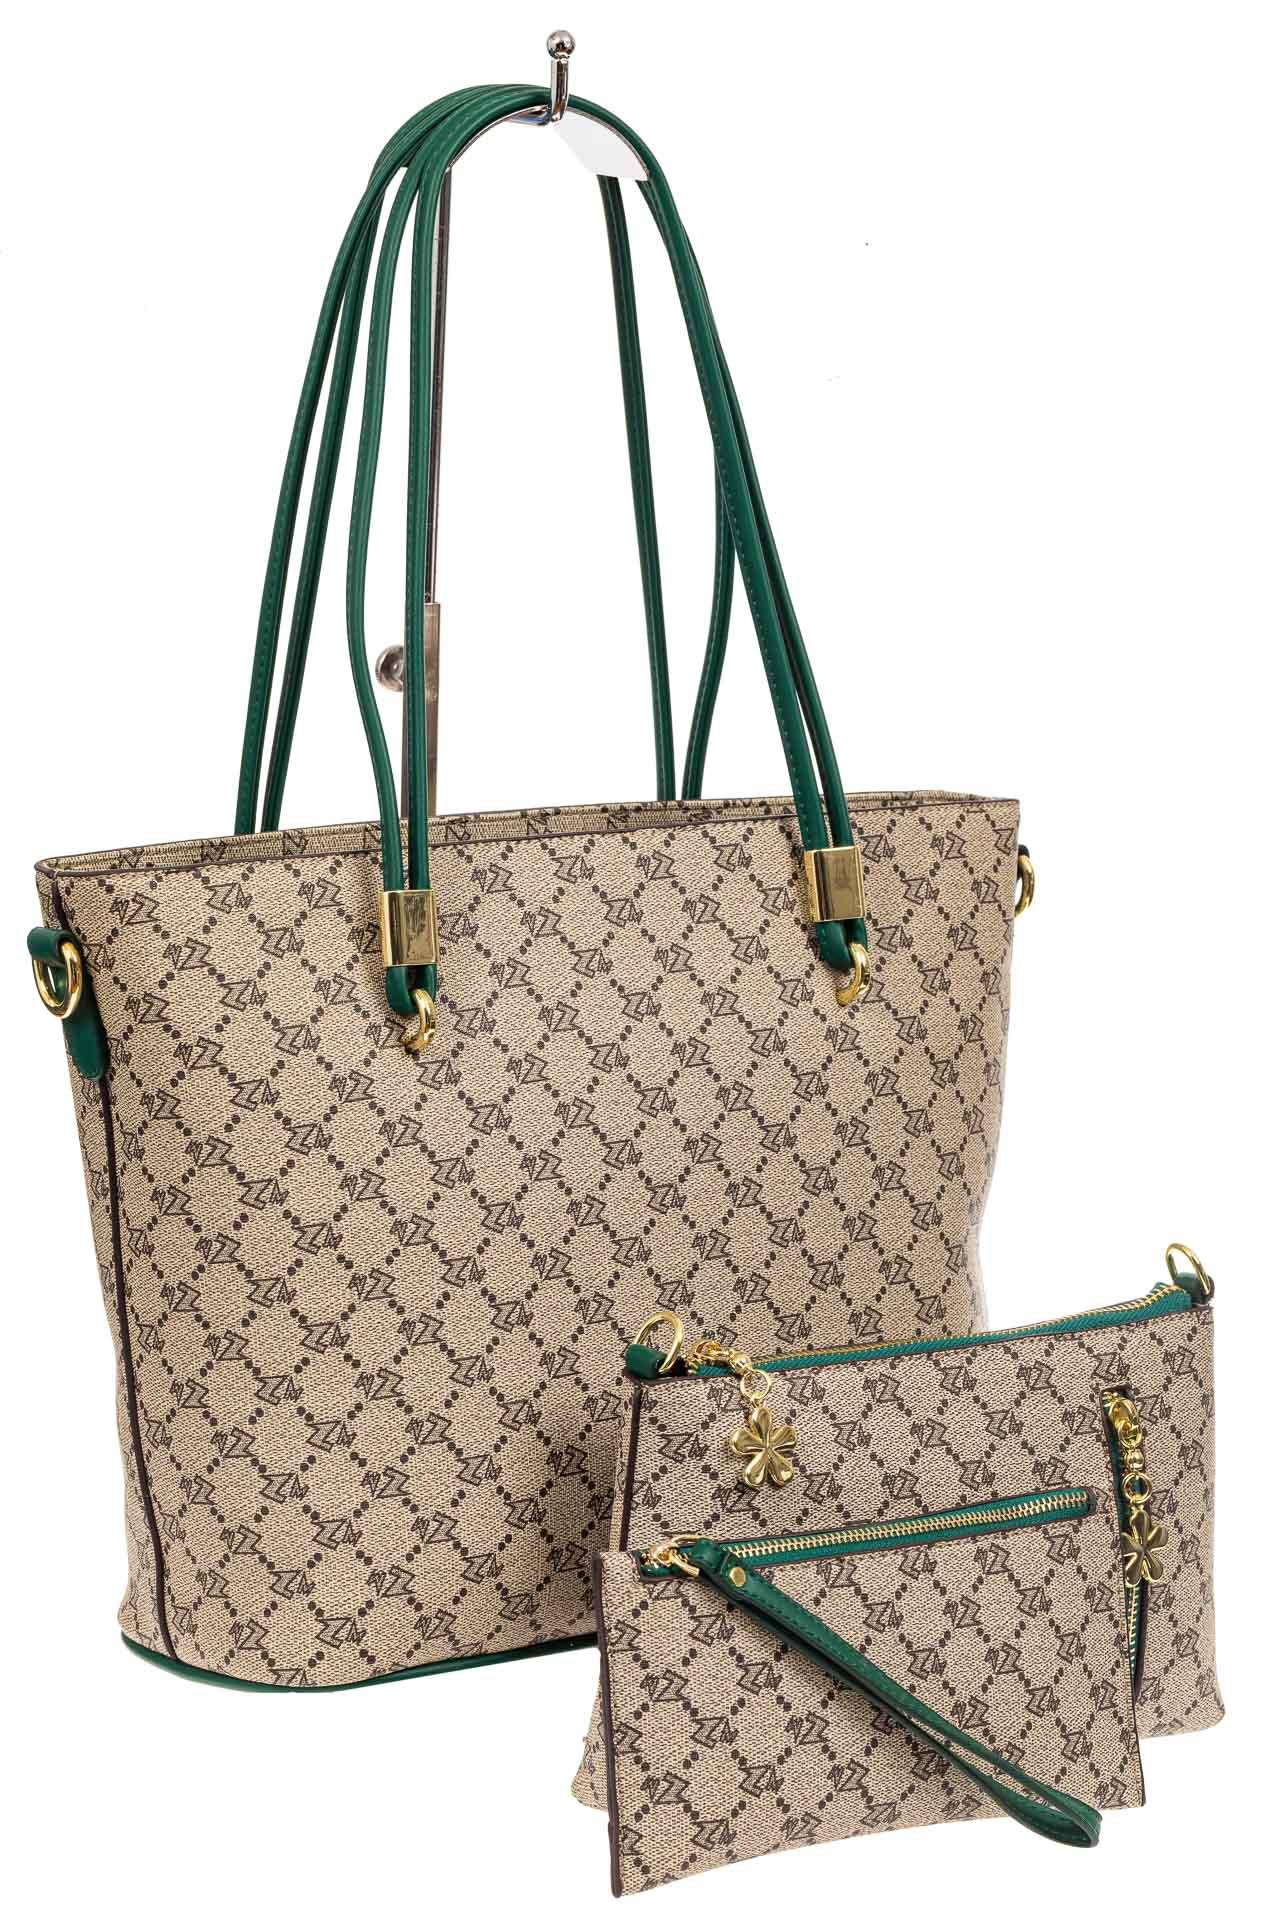 Женская сумка шоппер из искусственной кожи, цвет бежевыйA17236-1PJ0520/1